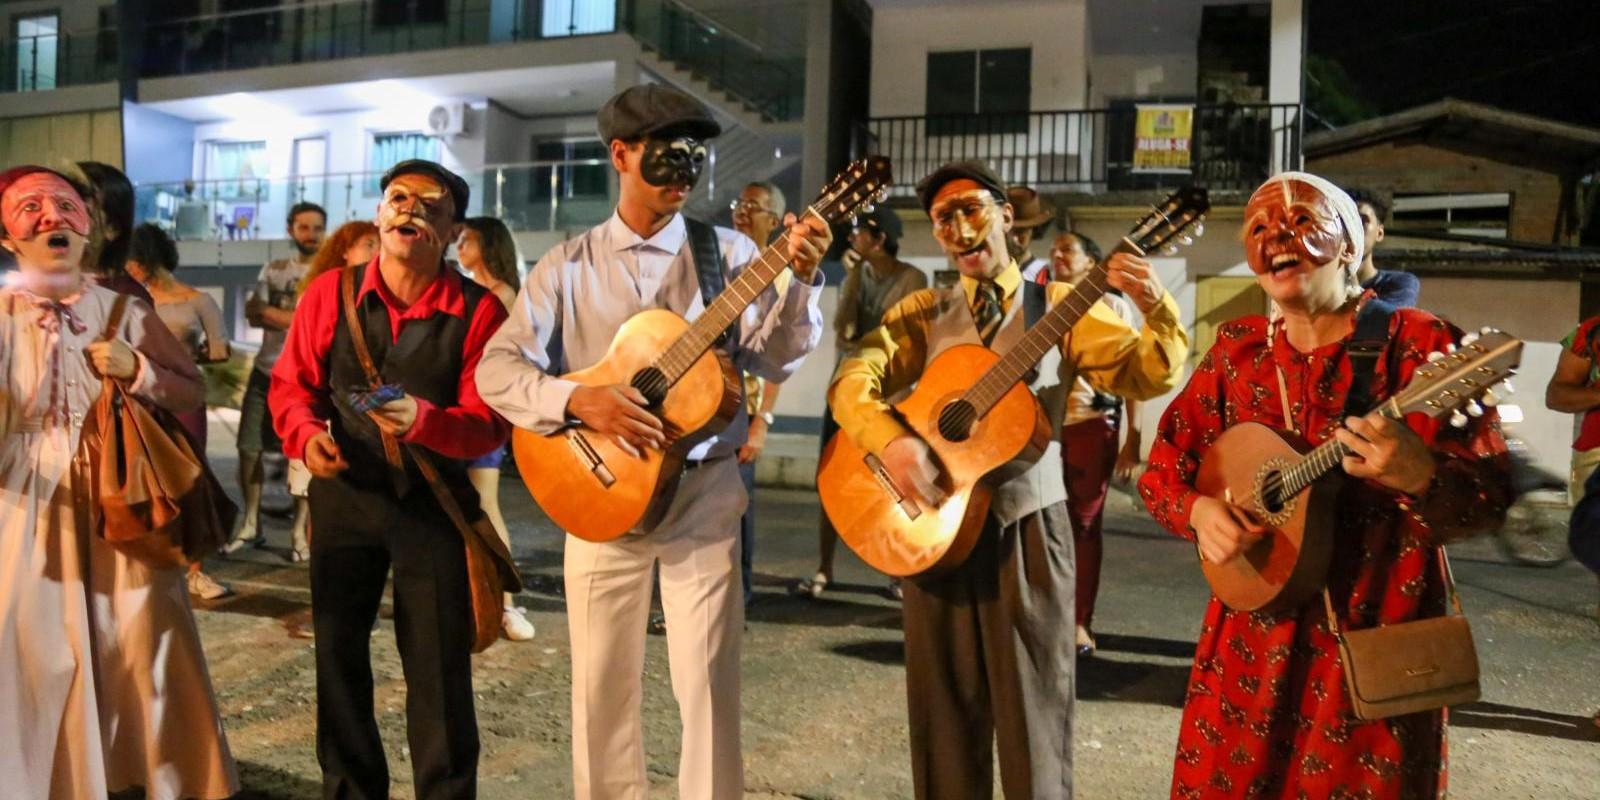 Palco Giratório - Grupo Teatro Público - Naquele Bairro Encantado